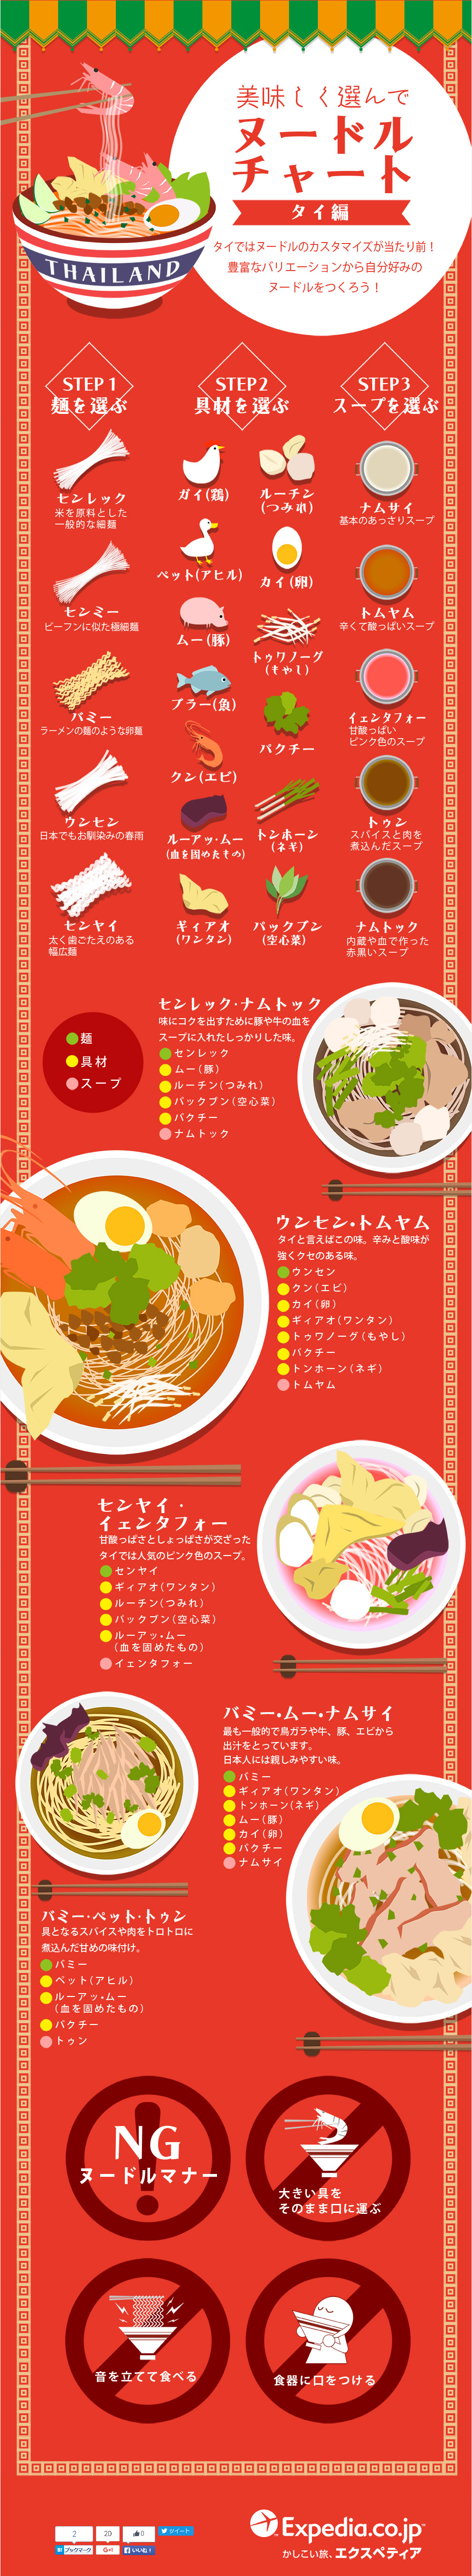 インフォグラフィック:タイヌードルの醍醐味は麺・具・スープを自分好みにアレンジ